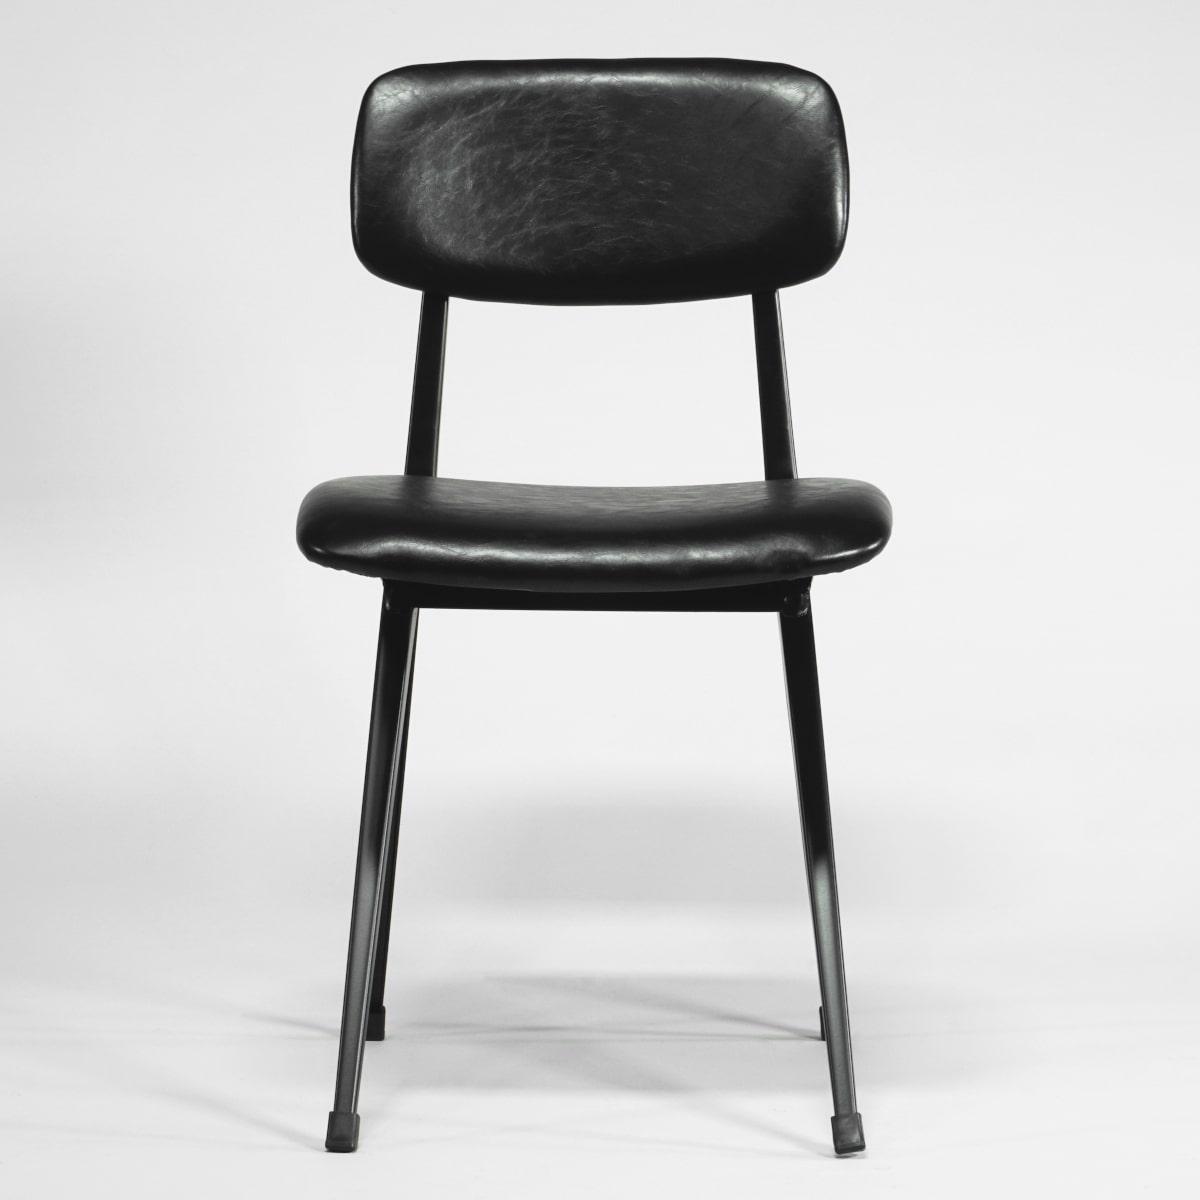 Metallstuhl Vintage schwarz gepolstert